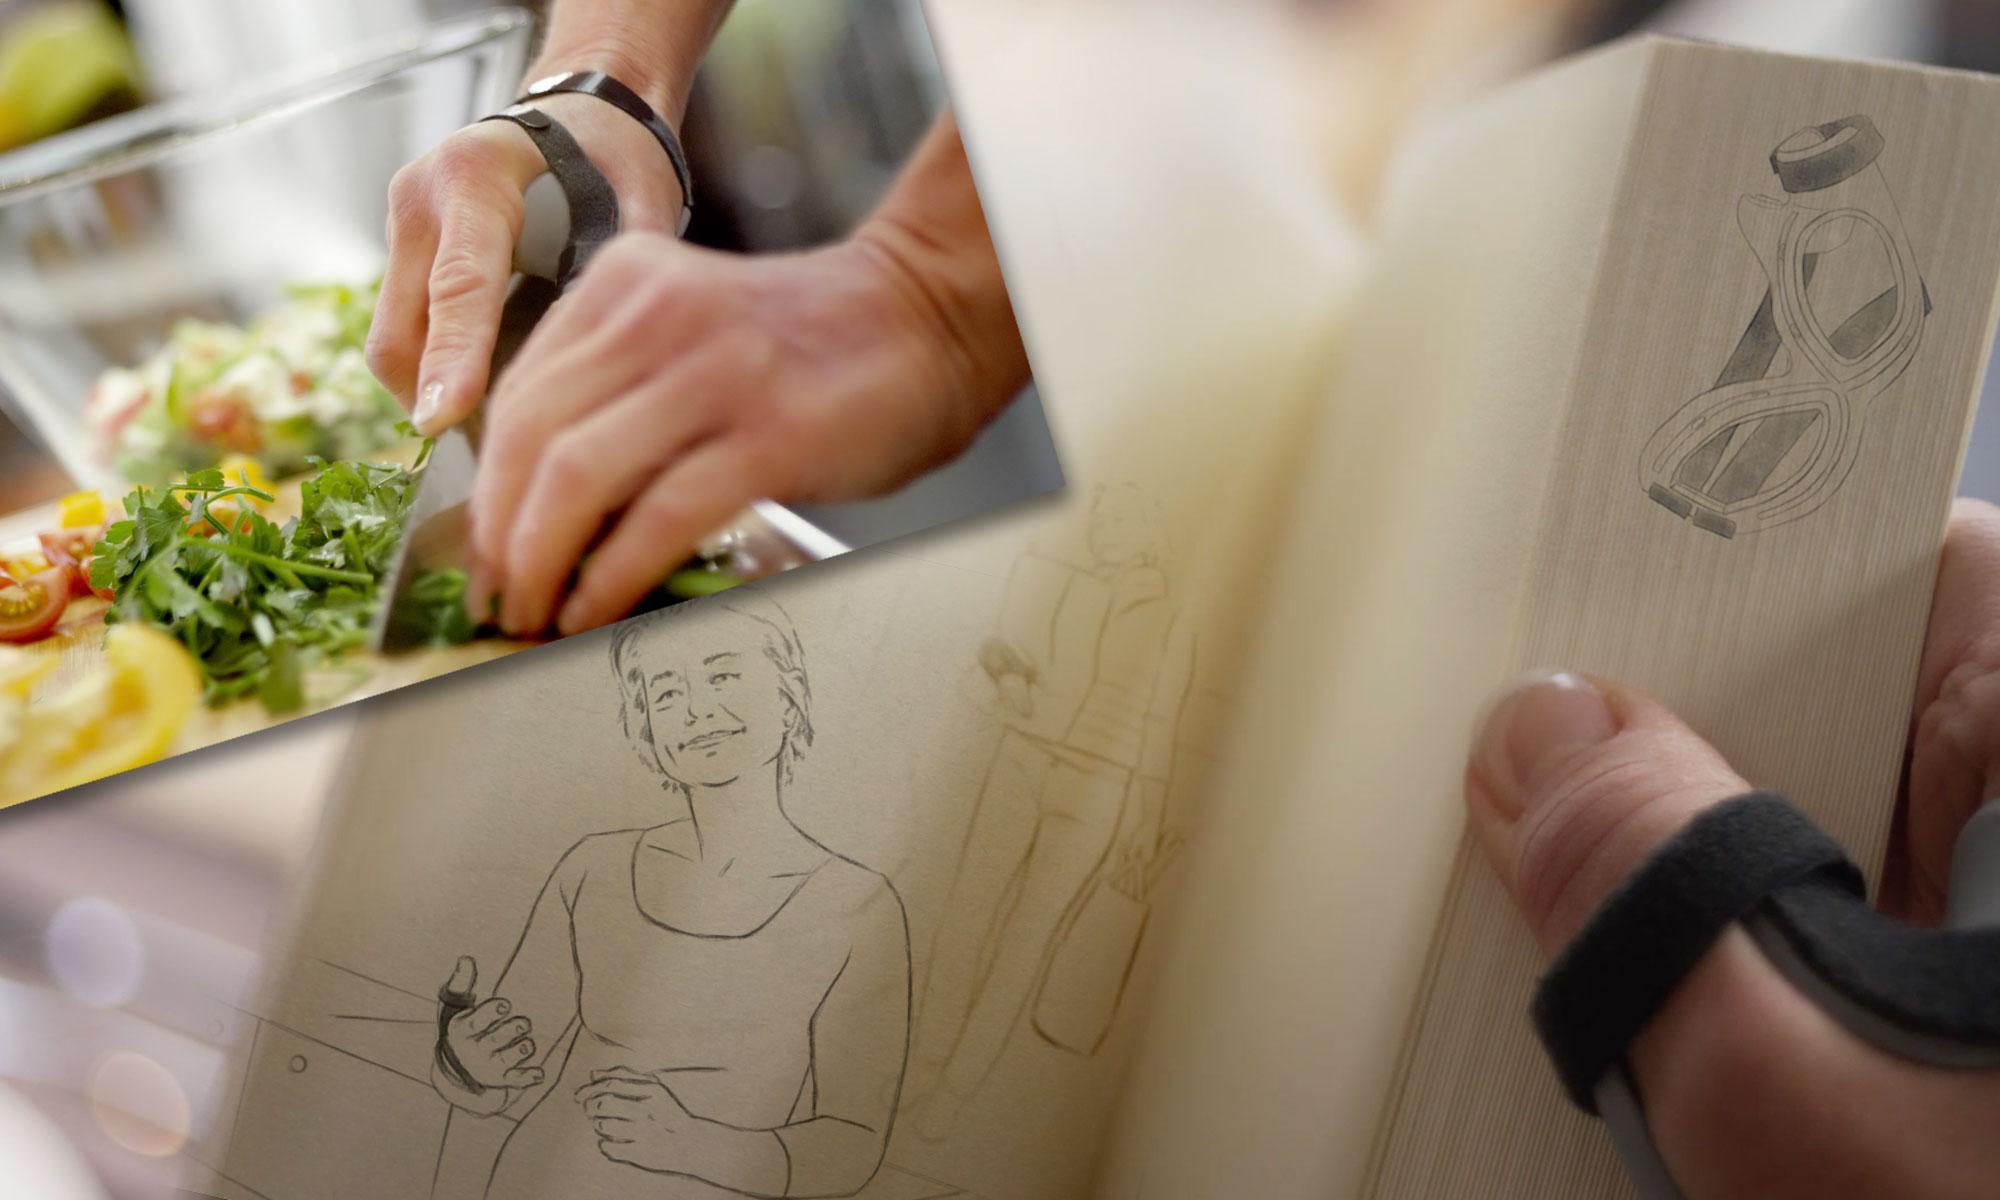 Zum Launch der Daumenorthese Actimove Rhizo Forte hat LeFee Healthcareagentur neben einem Salesfolder auch einen Film entwickelt, der durch einen Mix aus Illustrationen und Realszenen überzeugt.